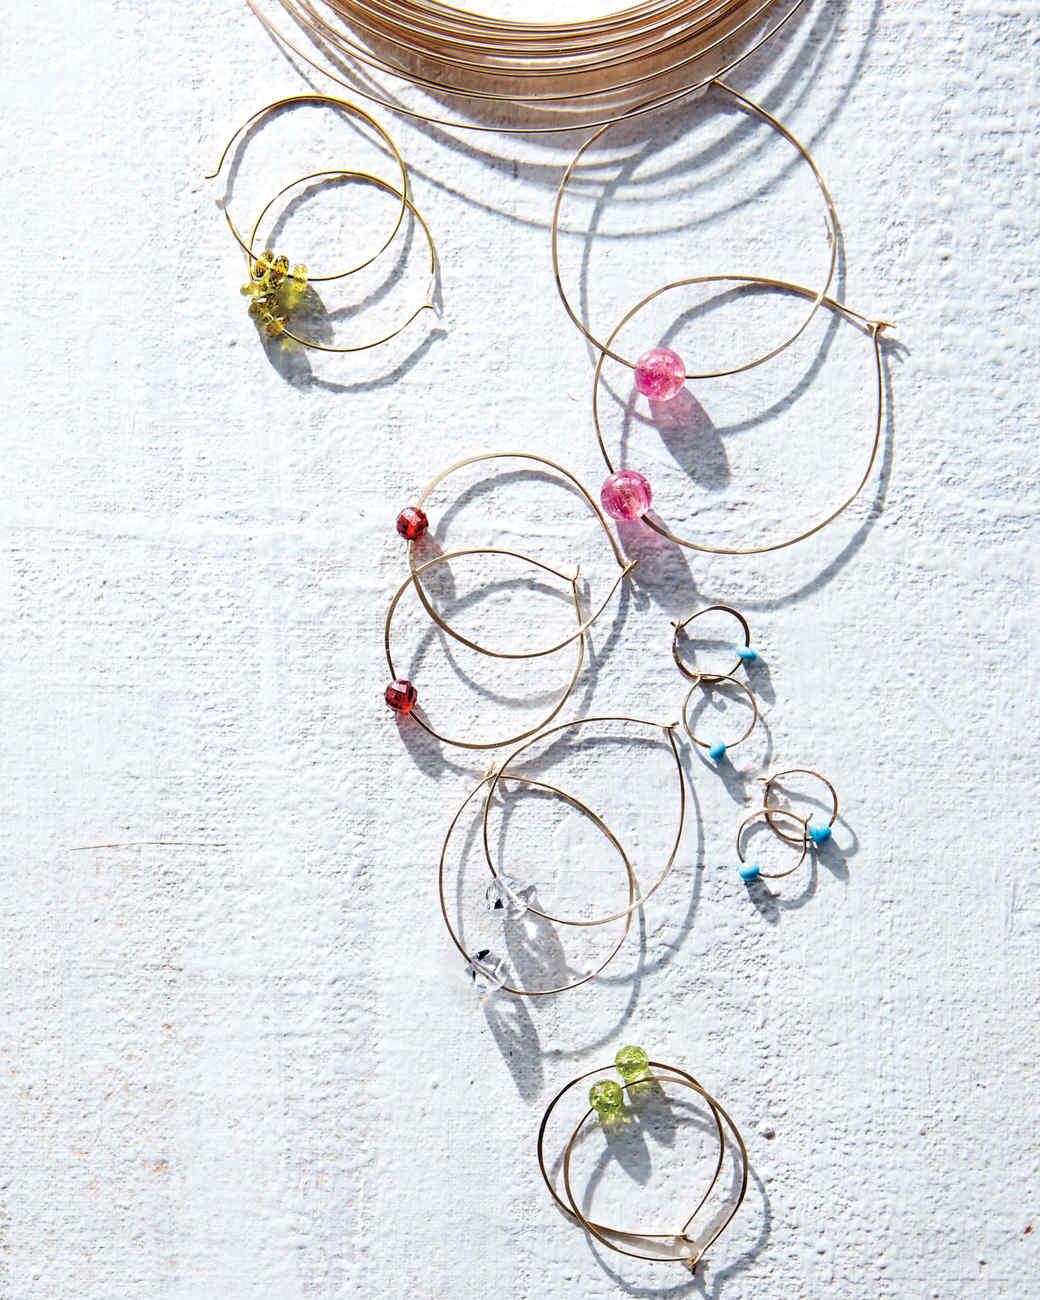 wire-earrings-301-md109777.jpg